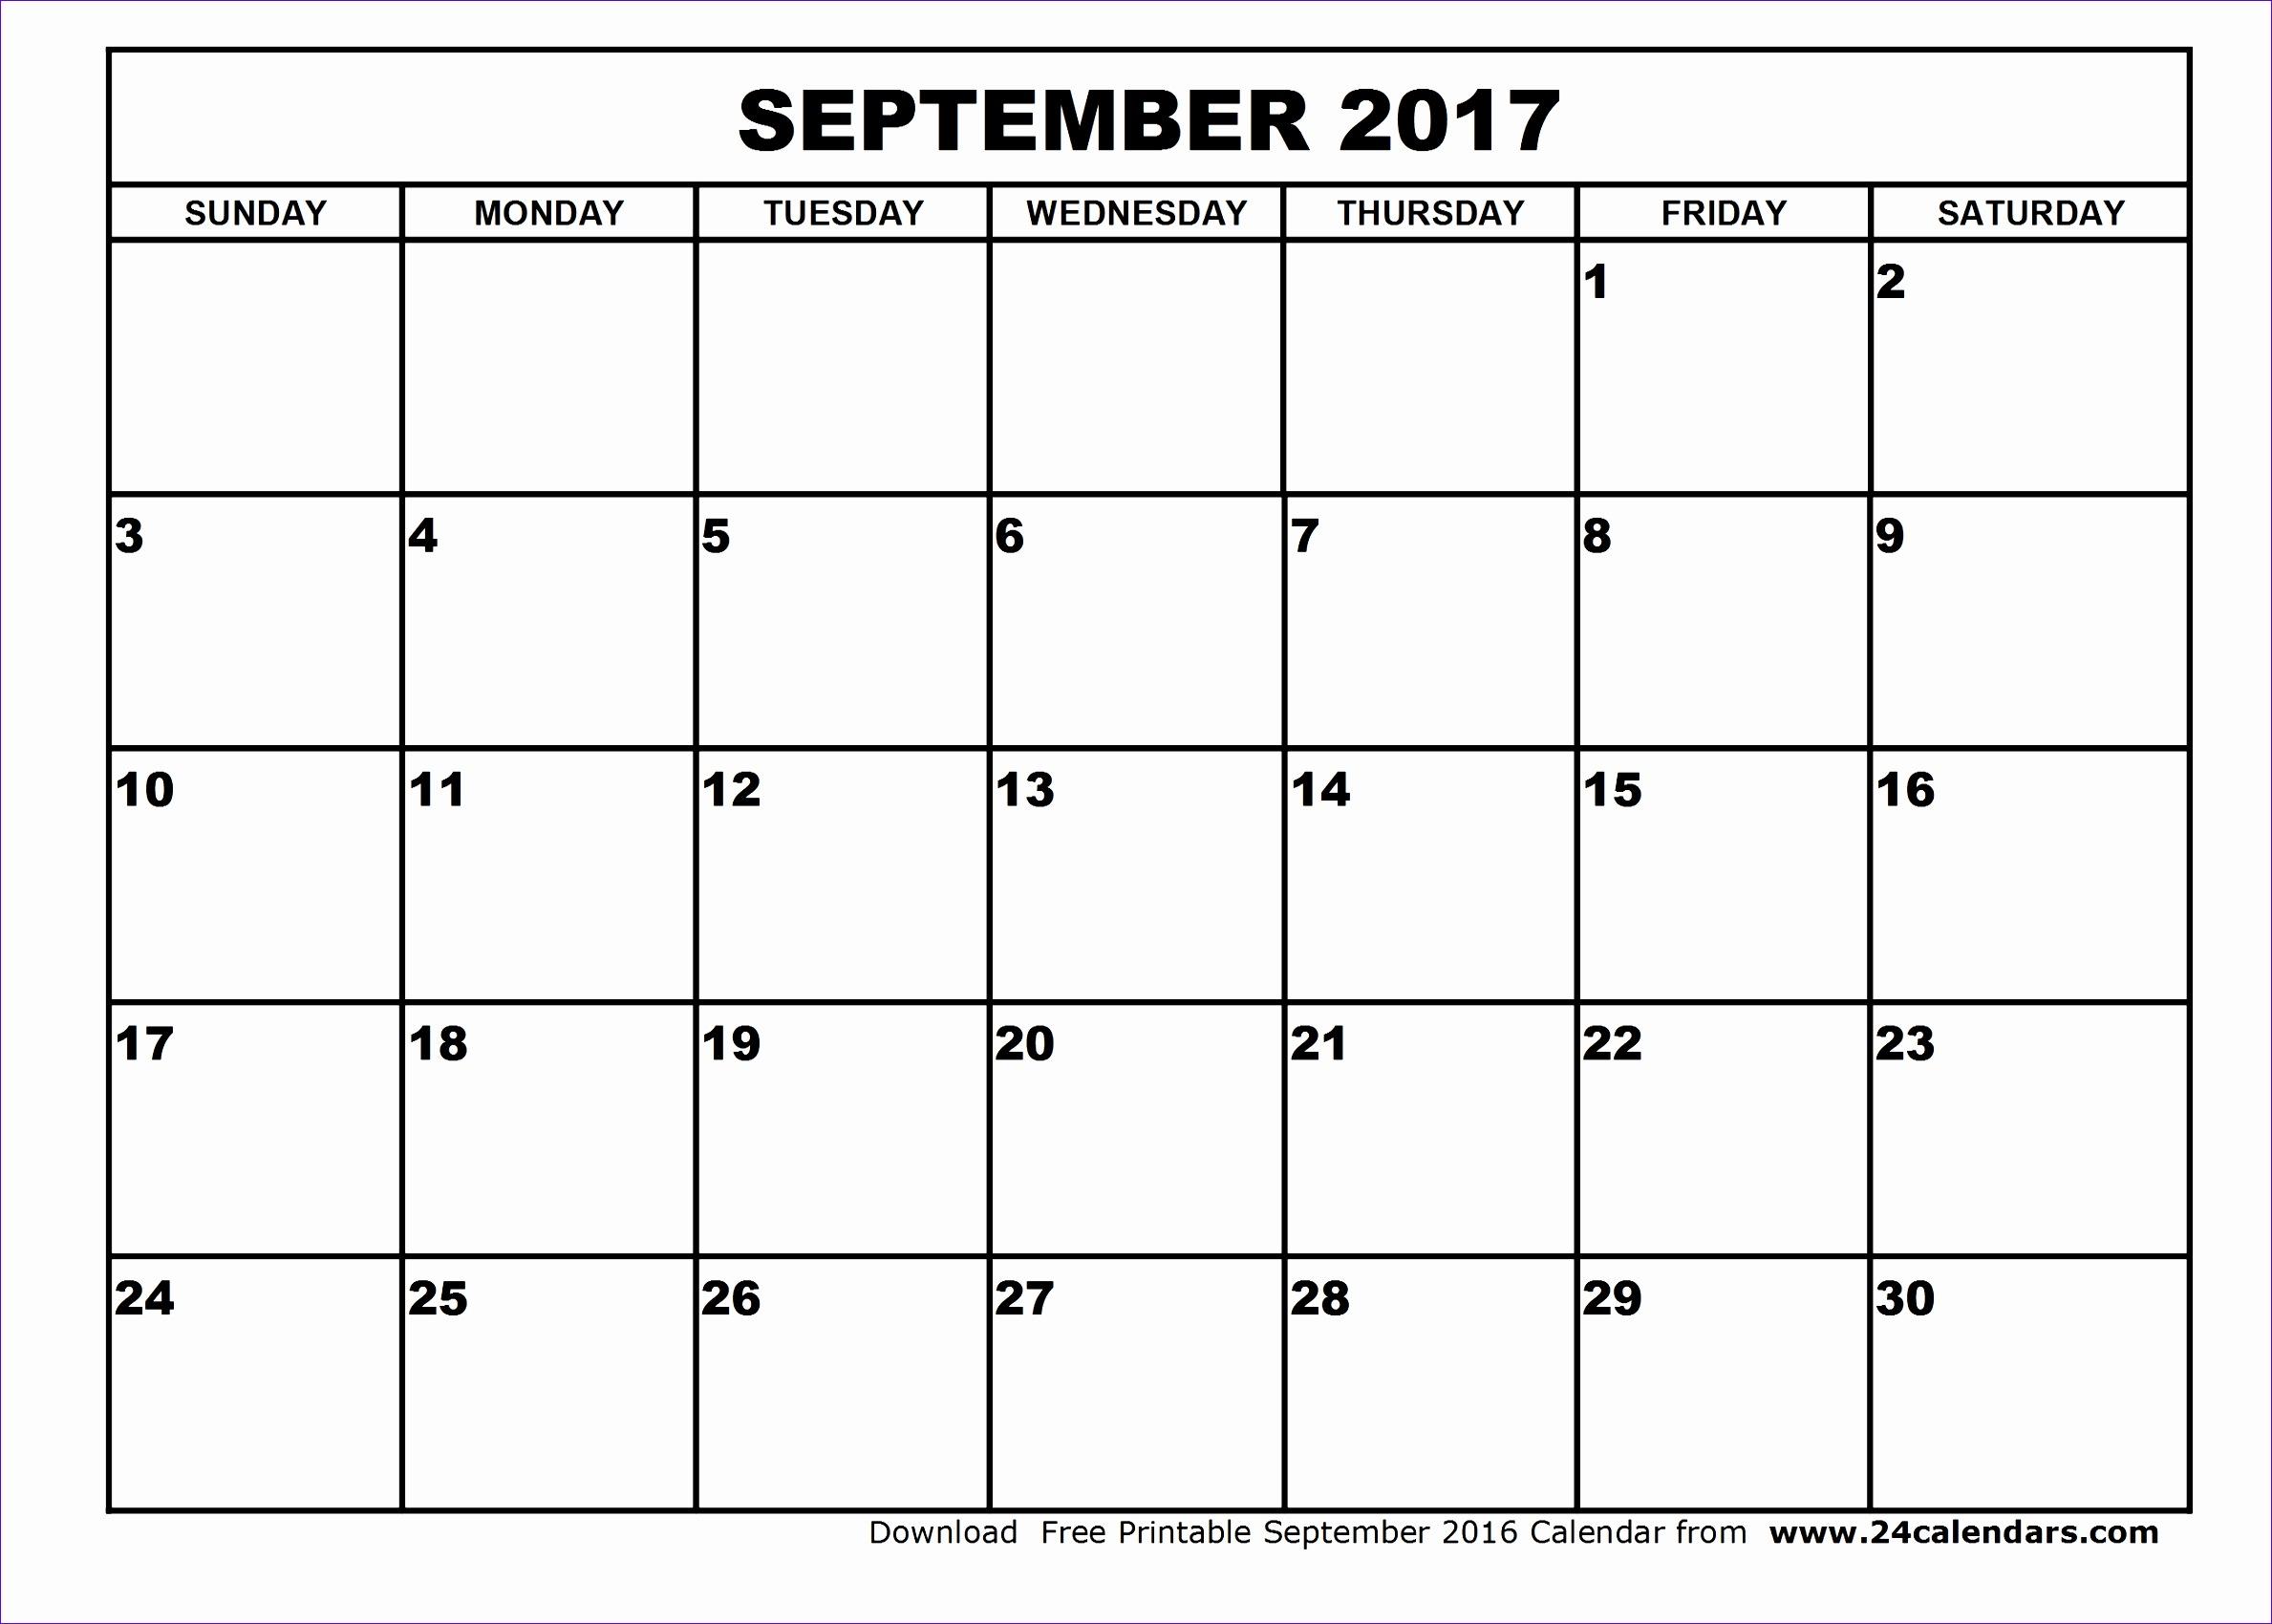 september 2017 calendar template september 2017 calendar template xbdjaq